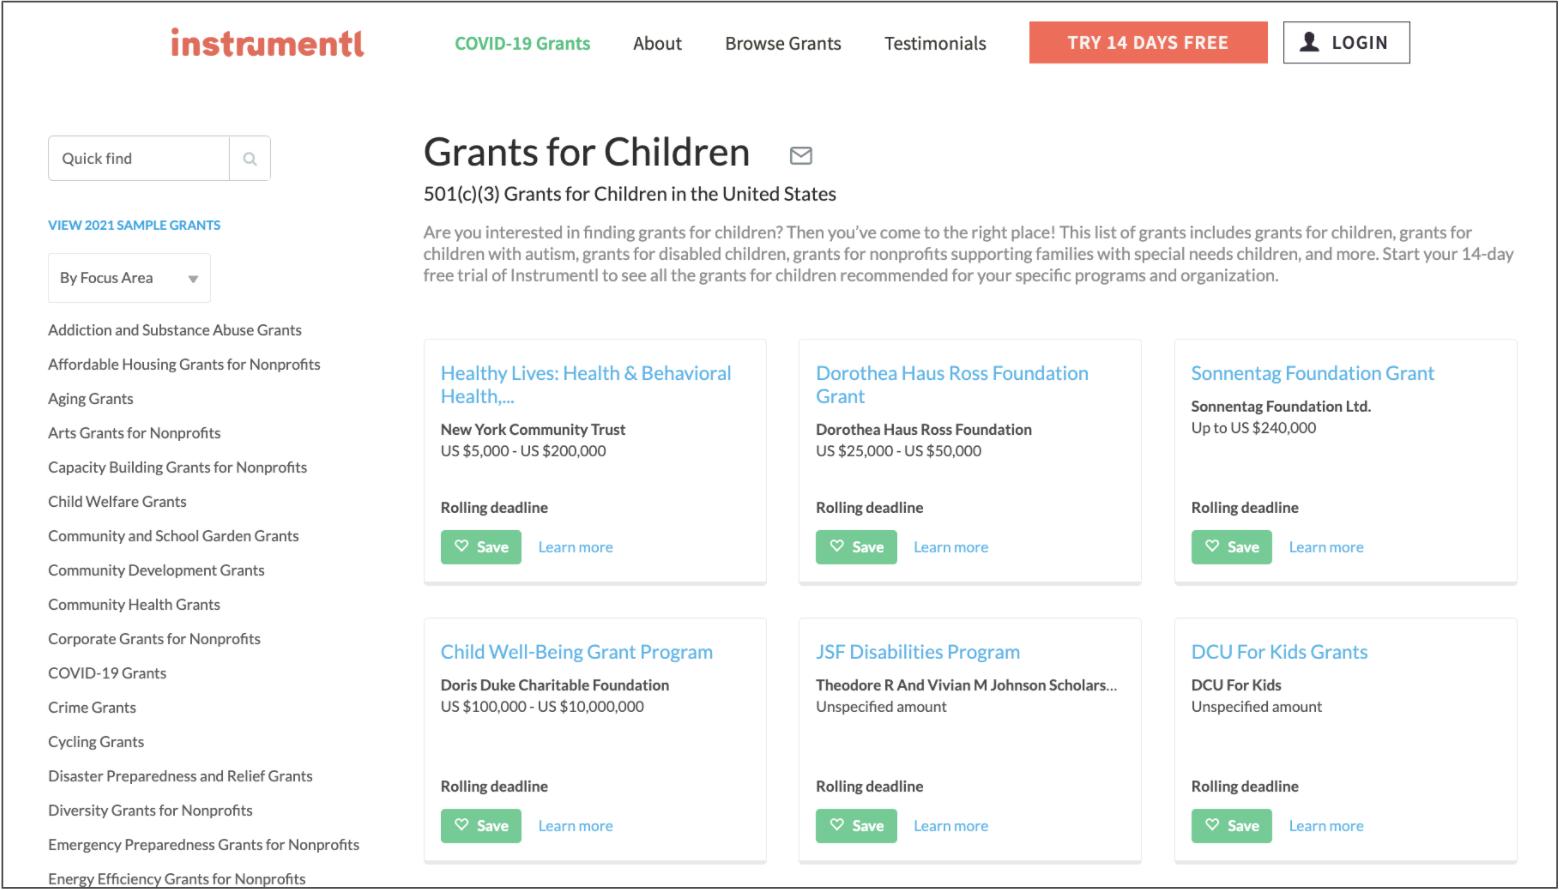 Grants for Children